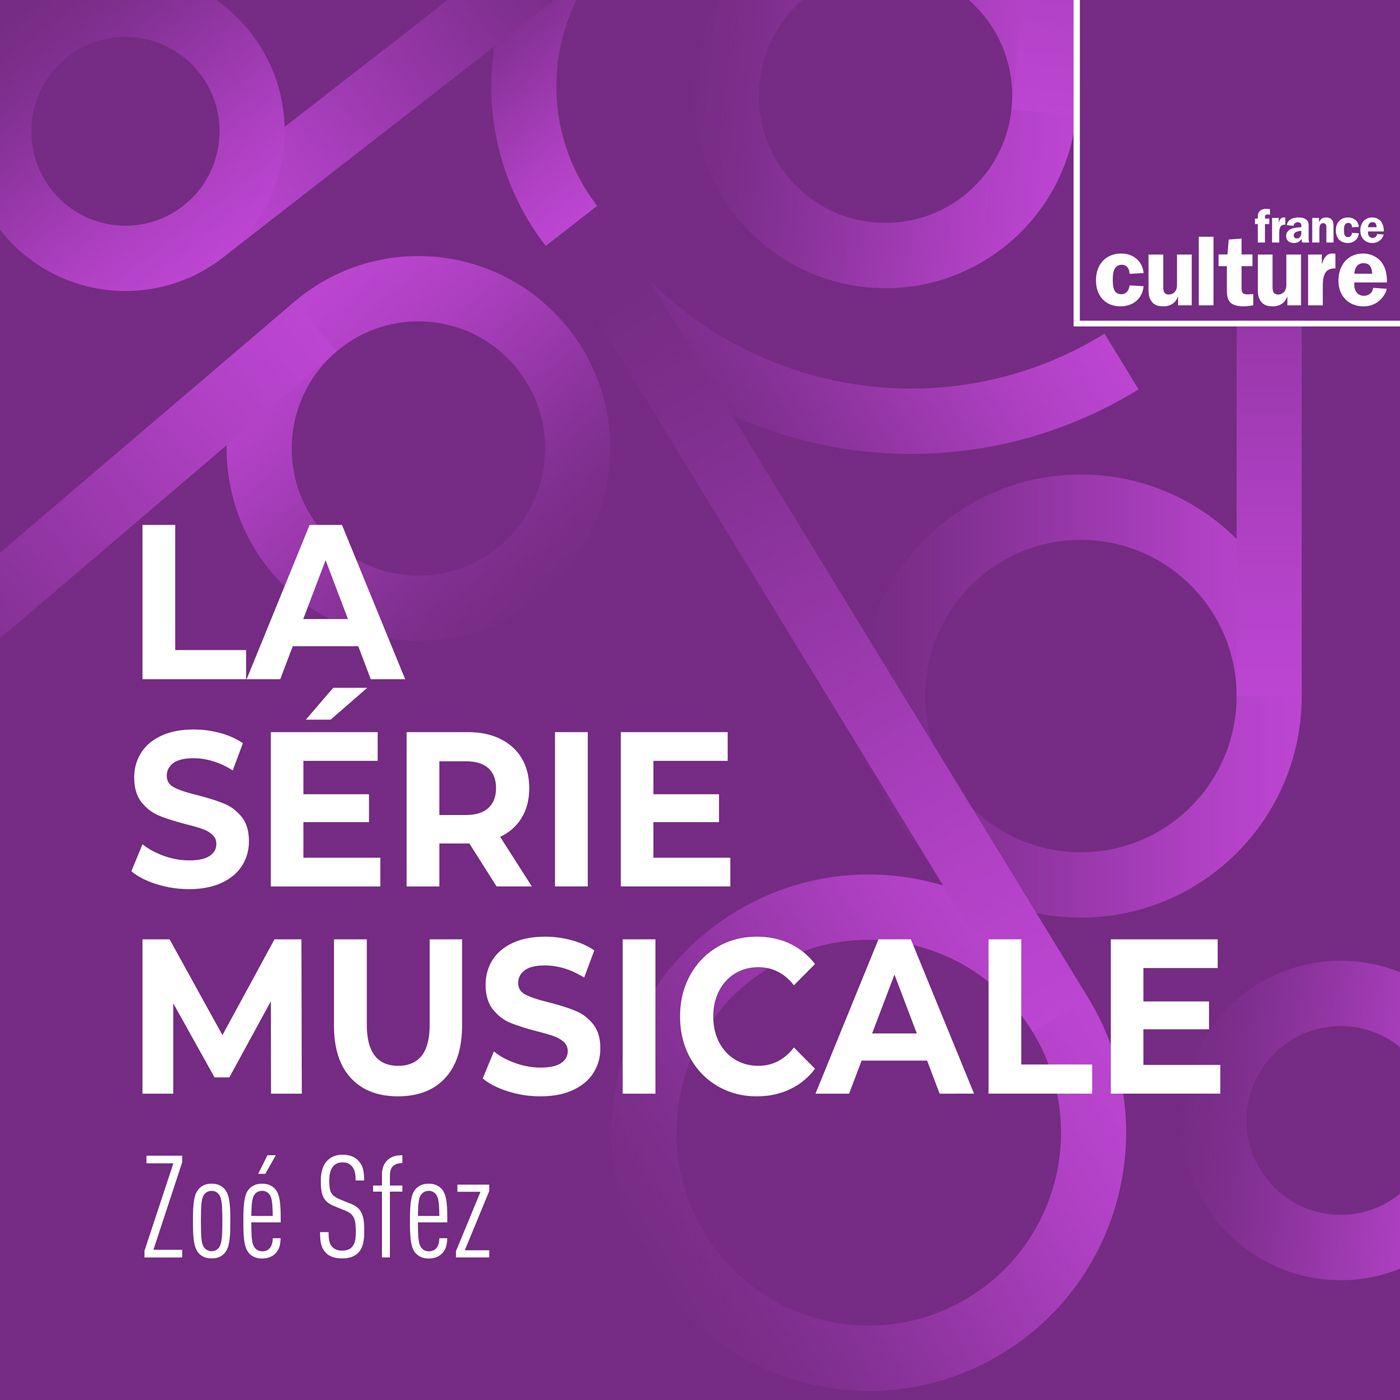 La Série musicale:France Culture